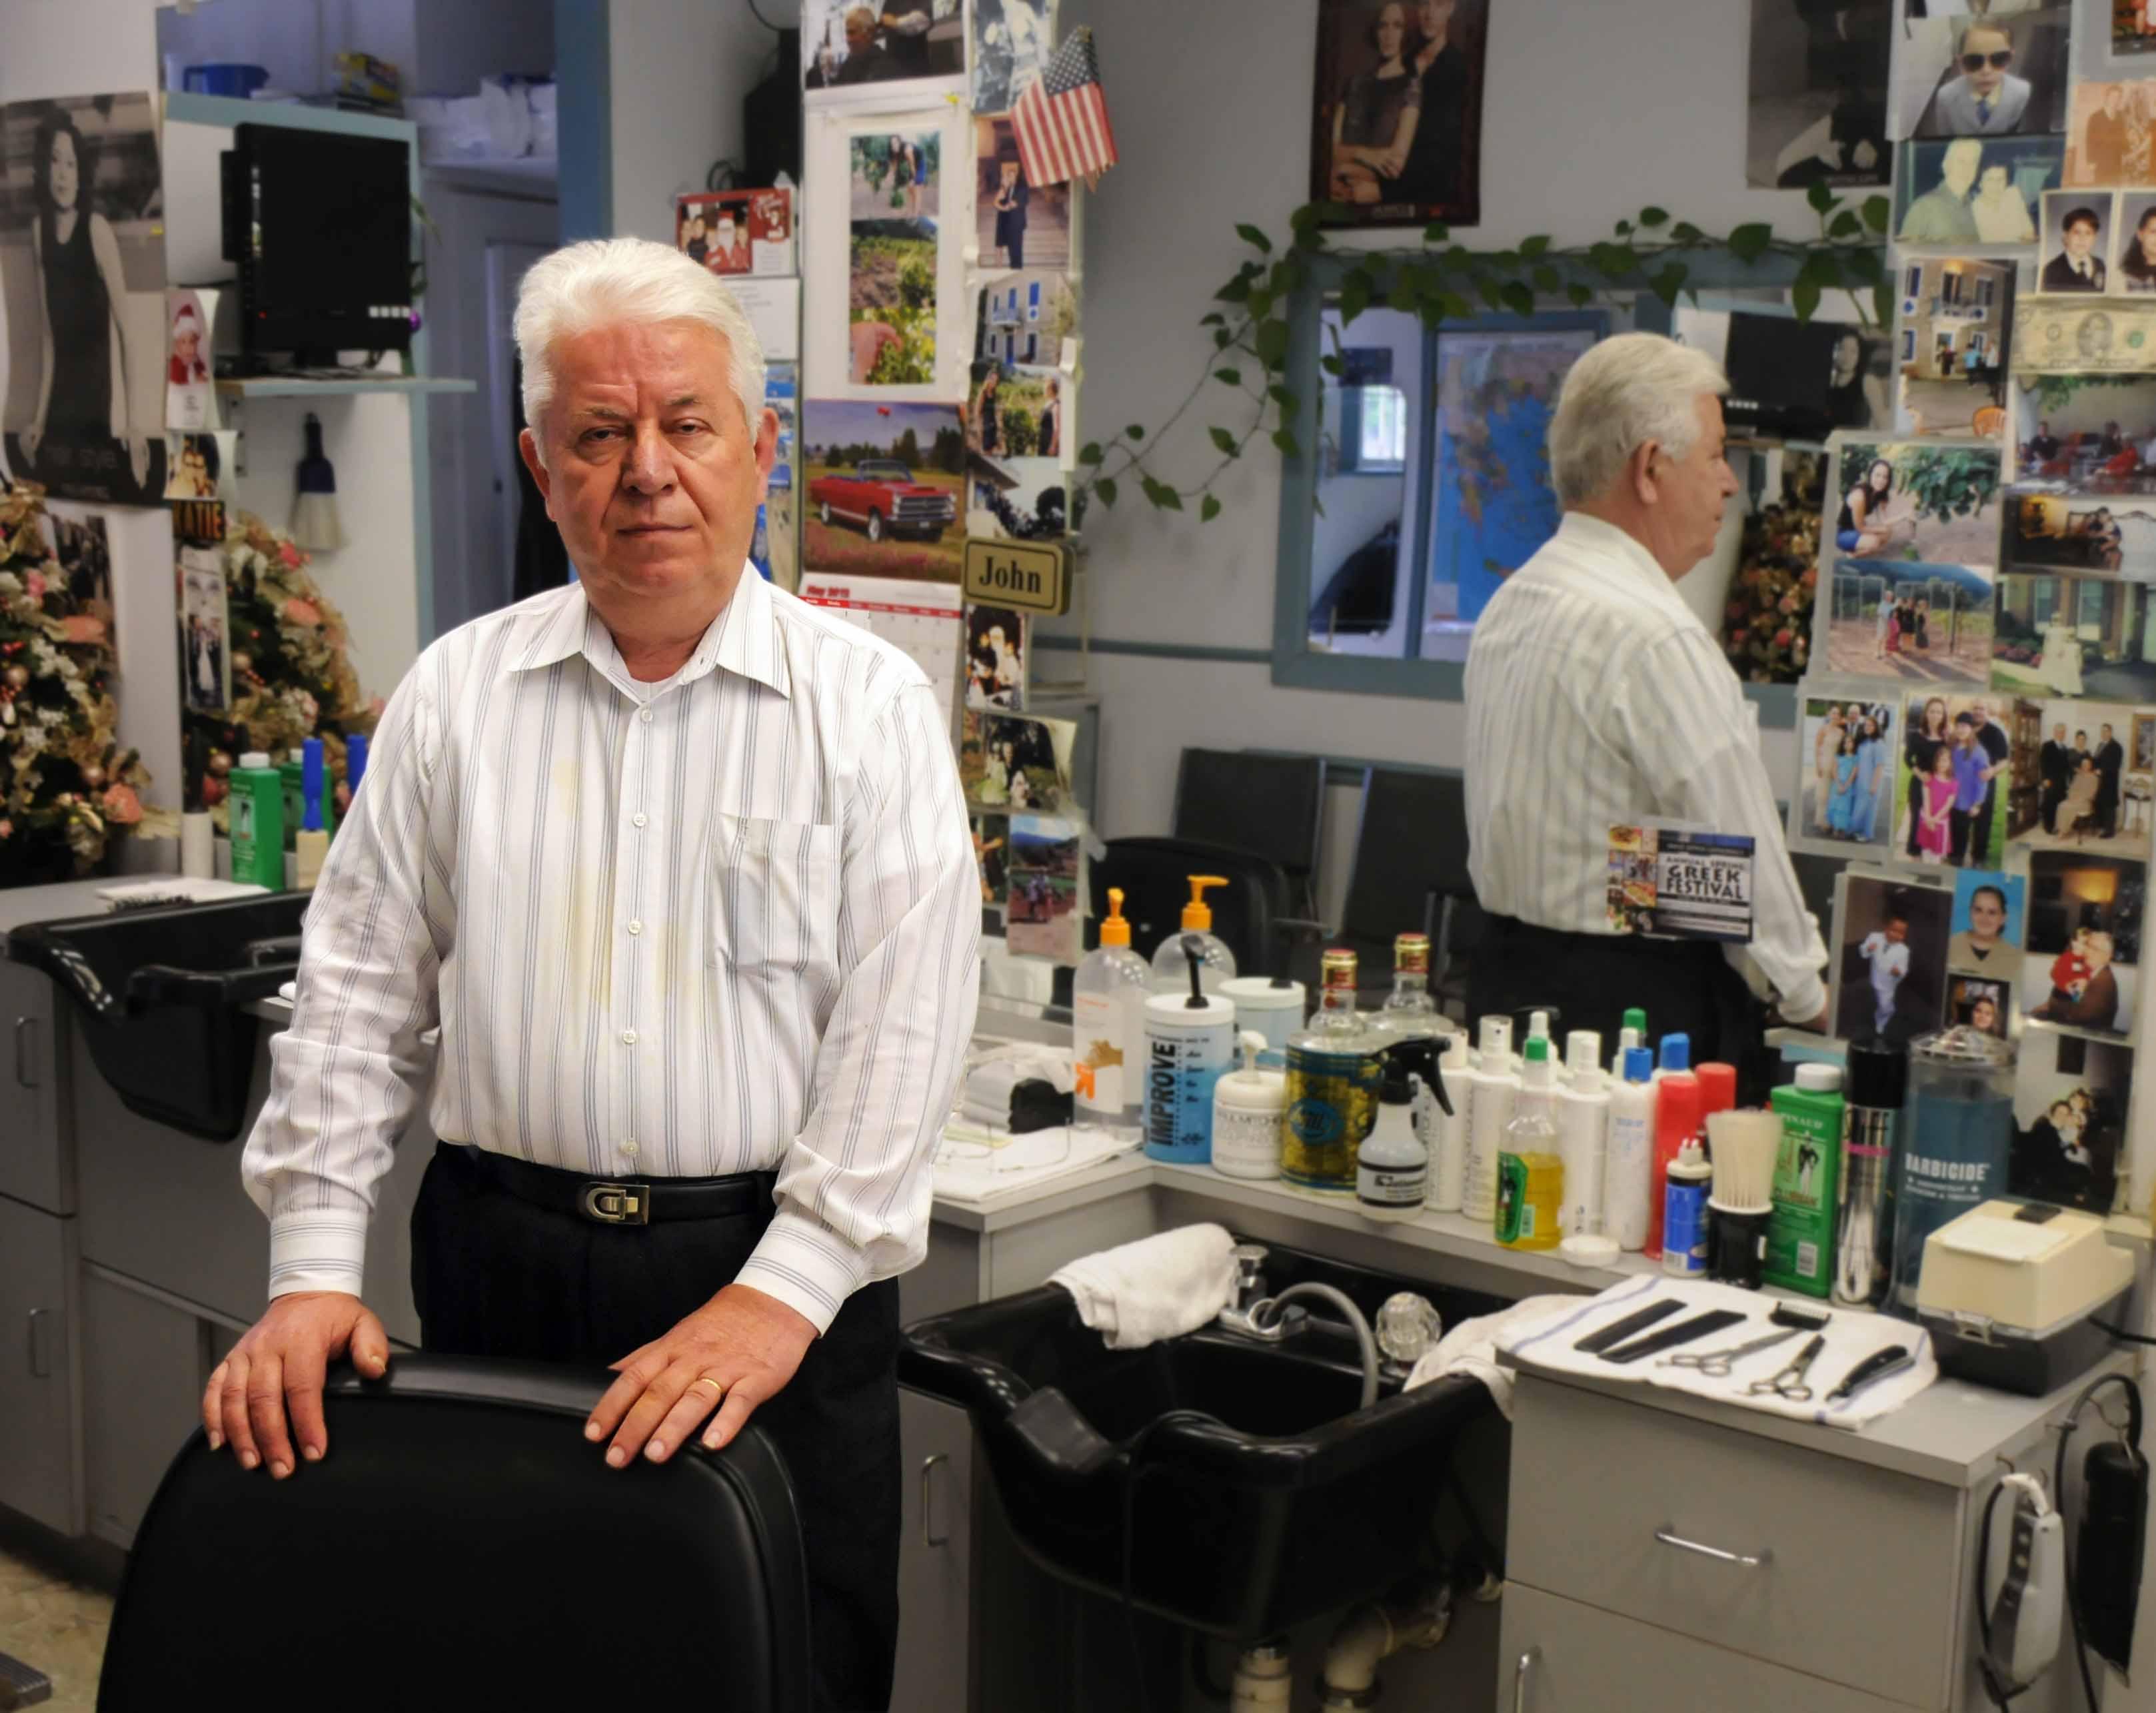 Barber Johns : Barber John Chevy Chase Living